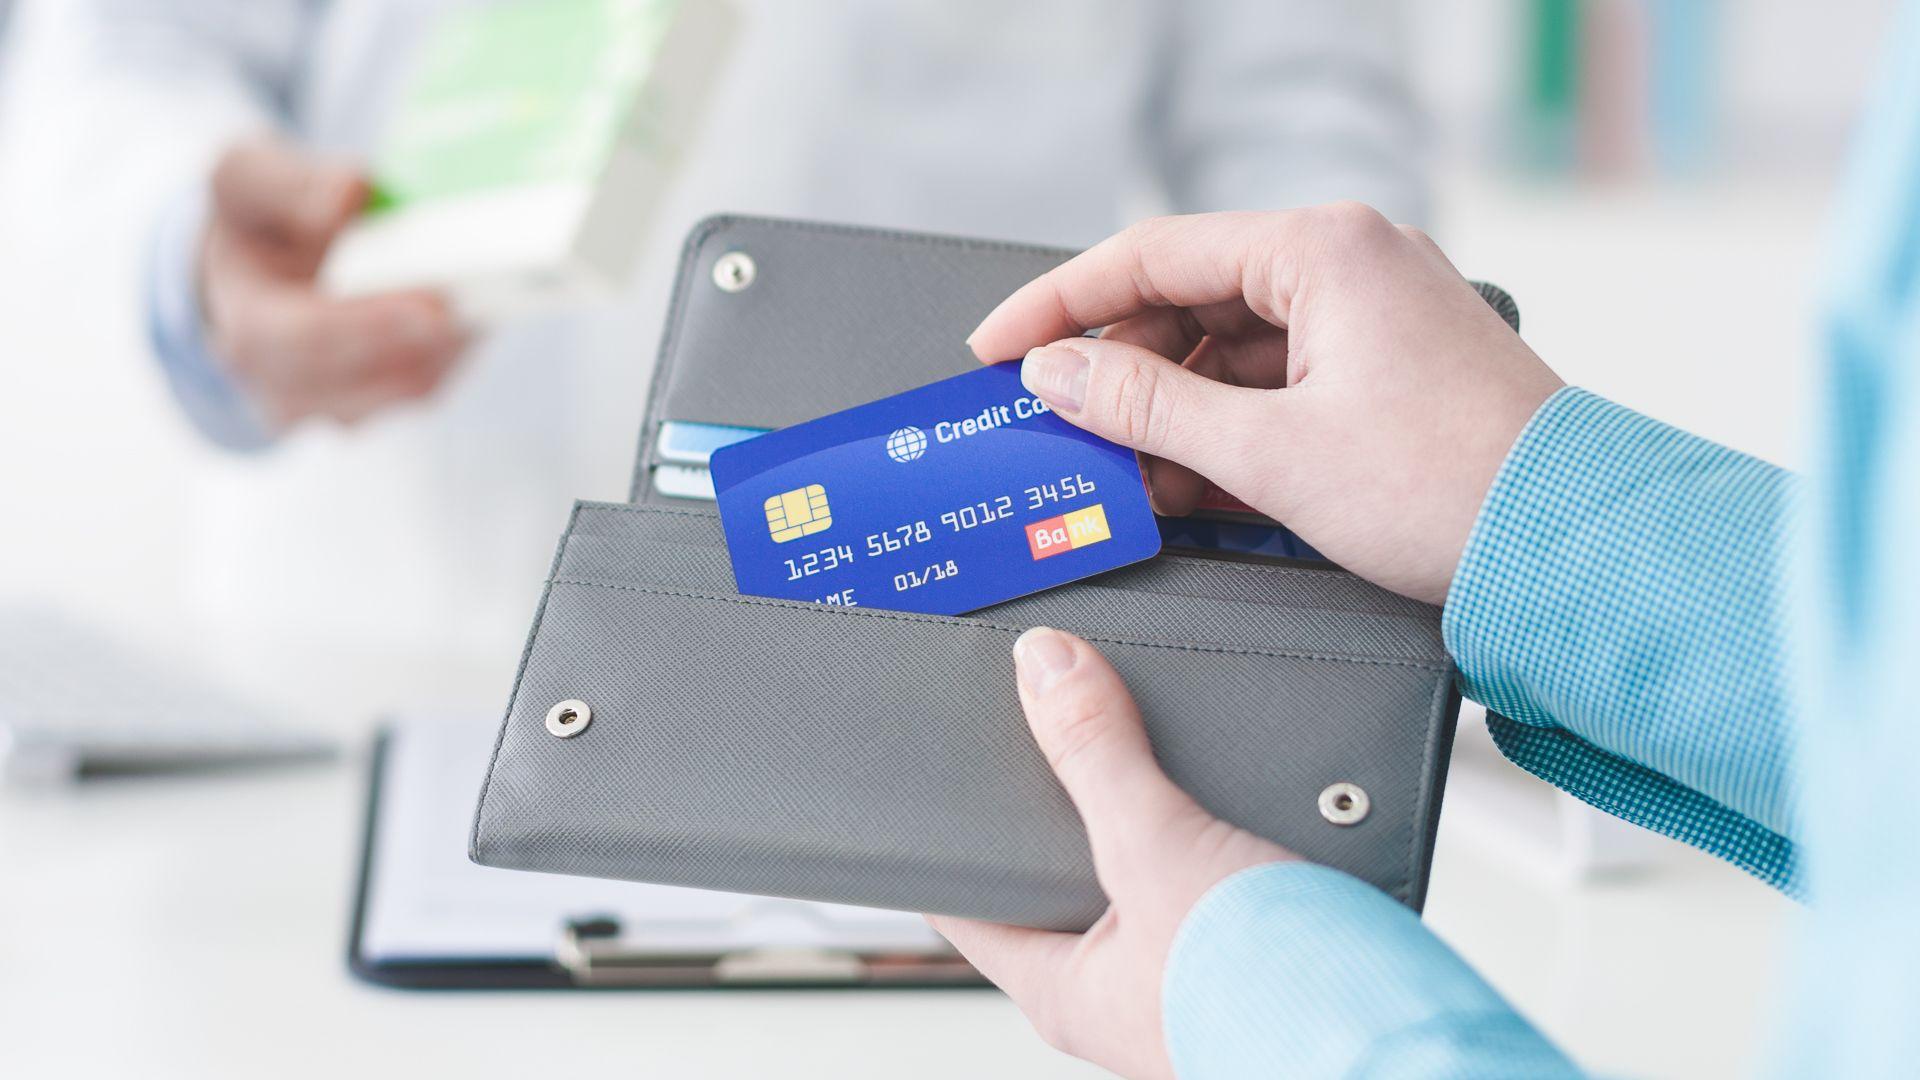 Банк уменьшил лимит кредитной карты